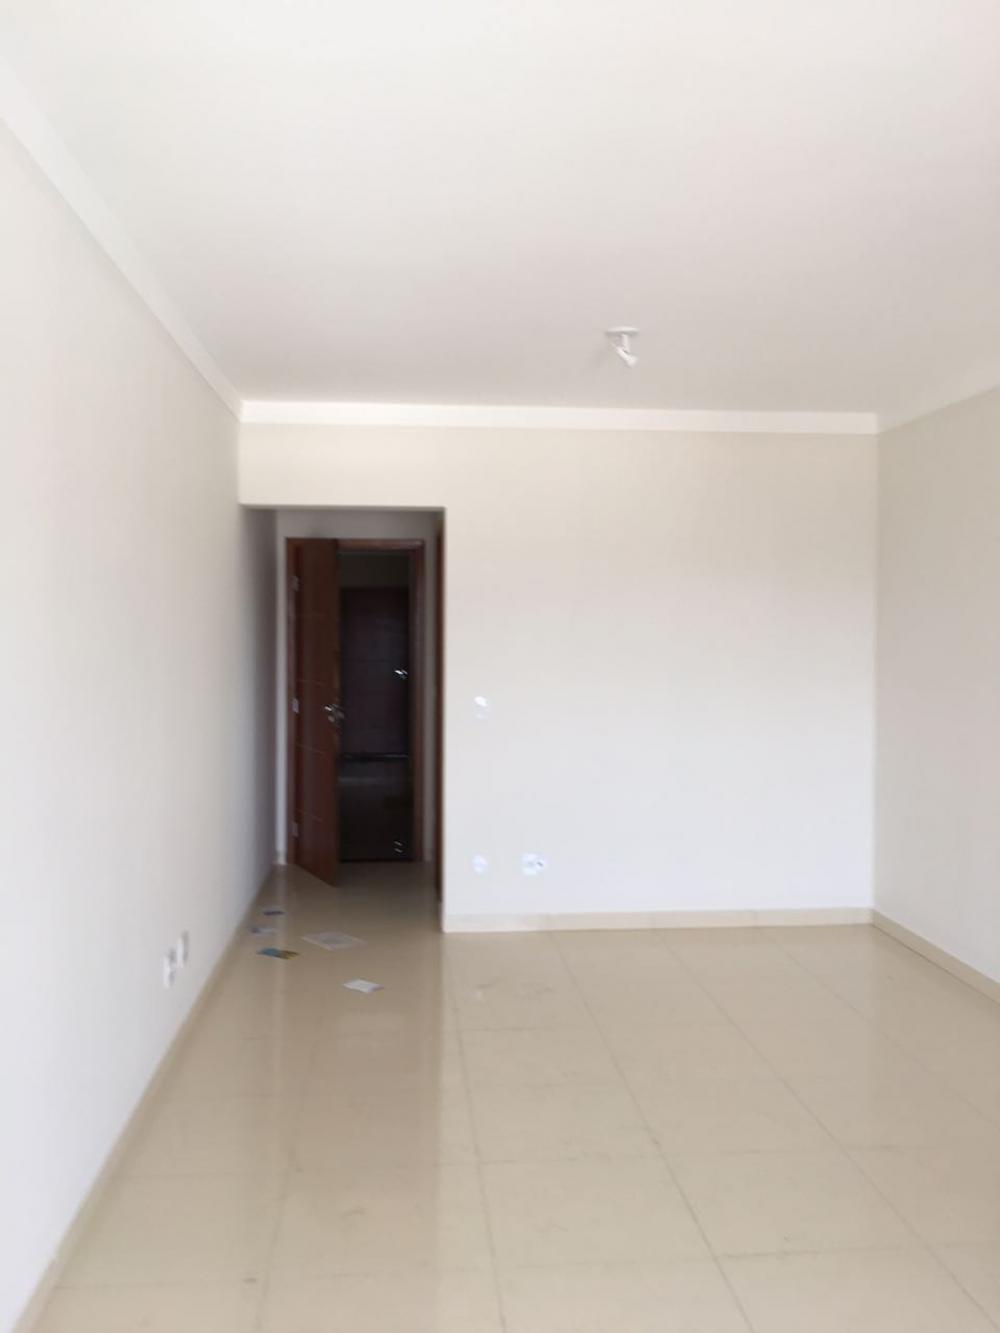 Comprar Apartamento / Padrão em SAO JOSE DO RIO PRETO apenas R$ 350.000,00 - Foto 3